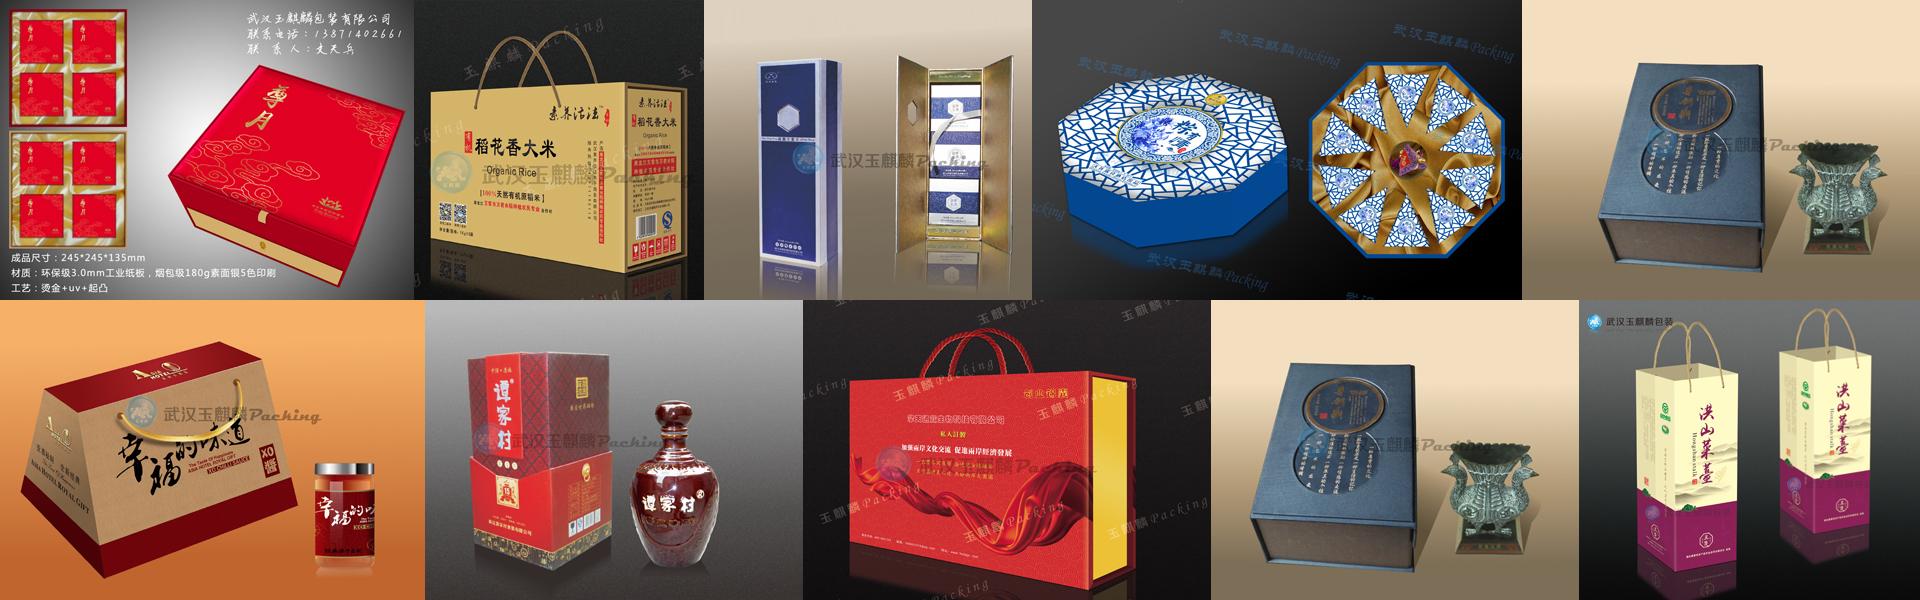 玉麒麟网站首页大图之一-武汉食品包装盒案例